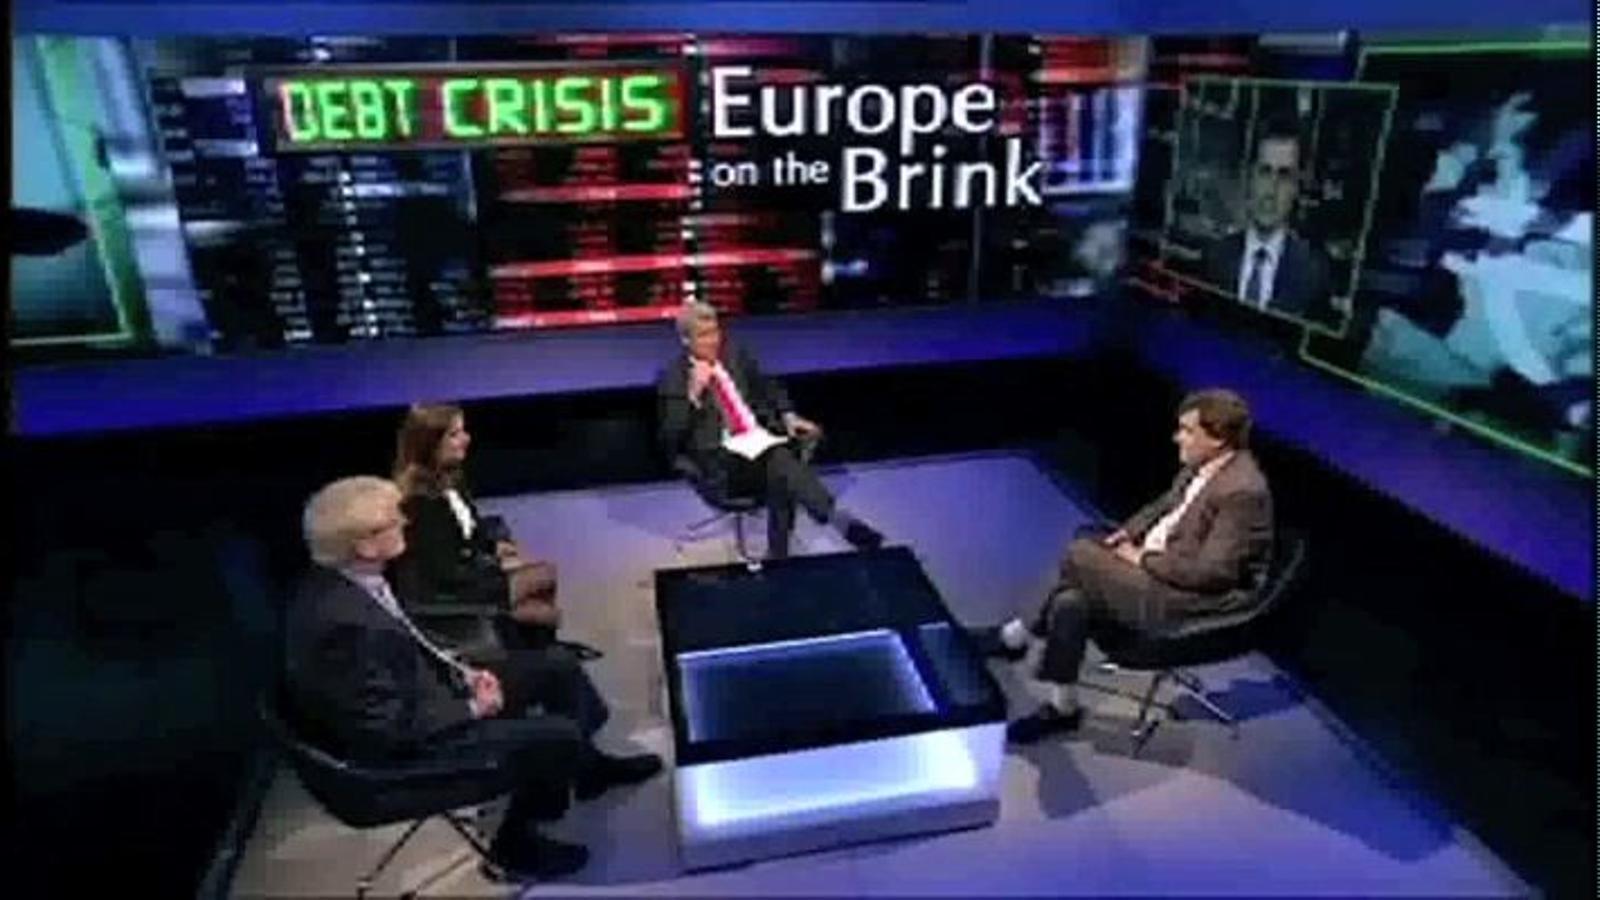 Presentador de la BBC a Amadeu Altafaj, portaveu econòmic de la Comissió Europea: Idiota de Bussel·les: què respon?